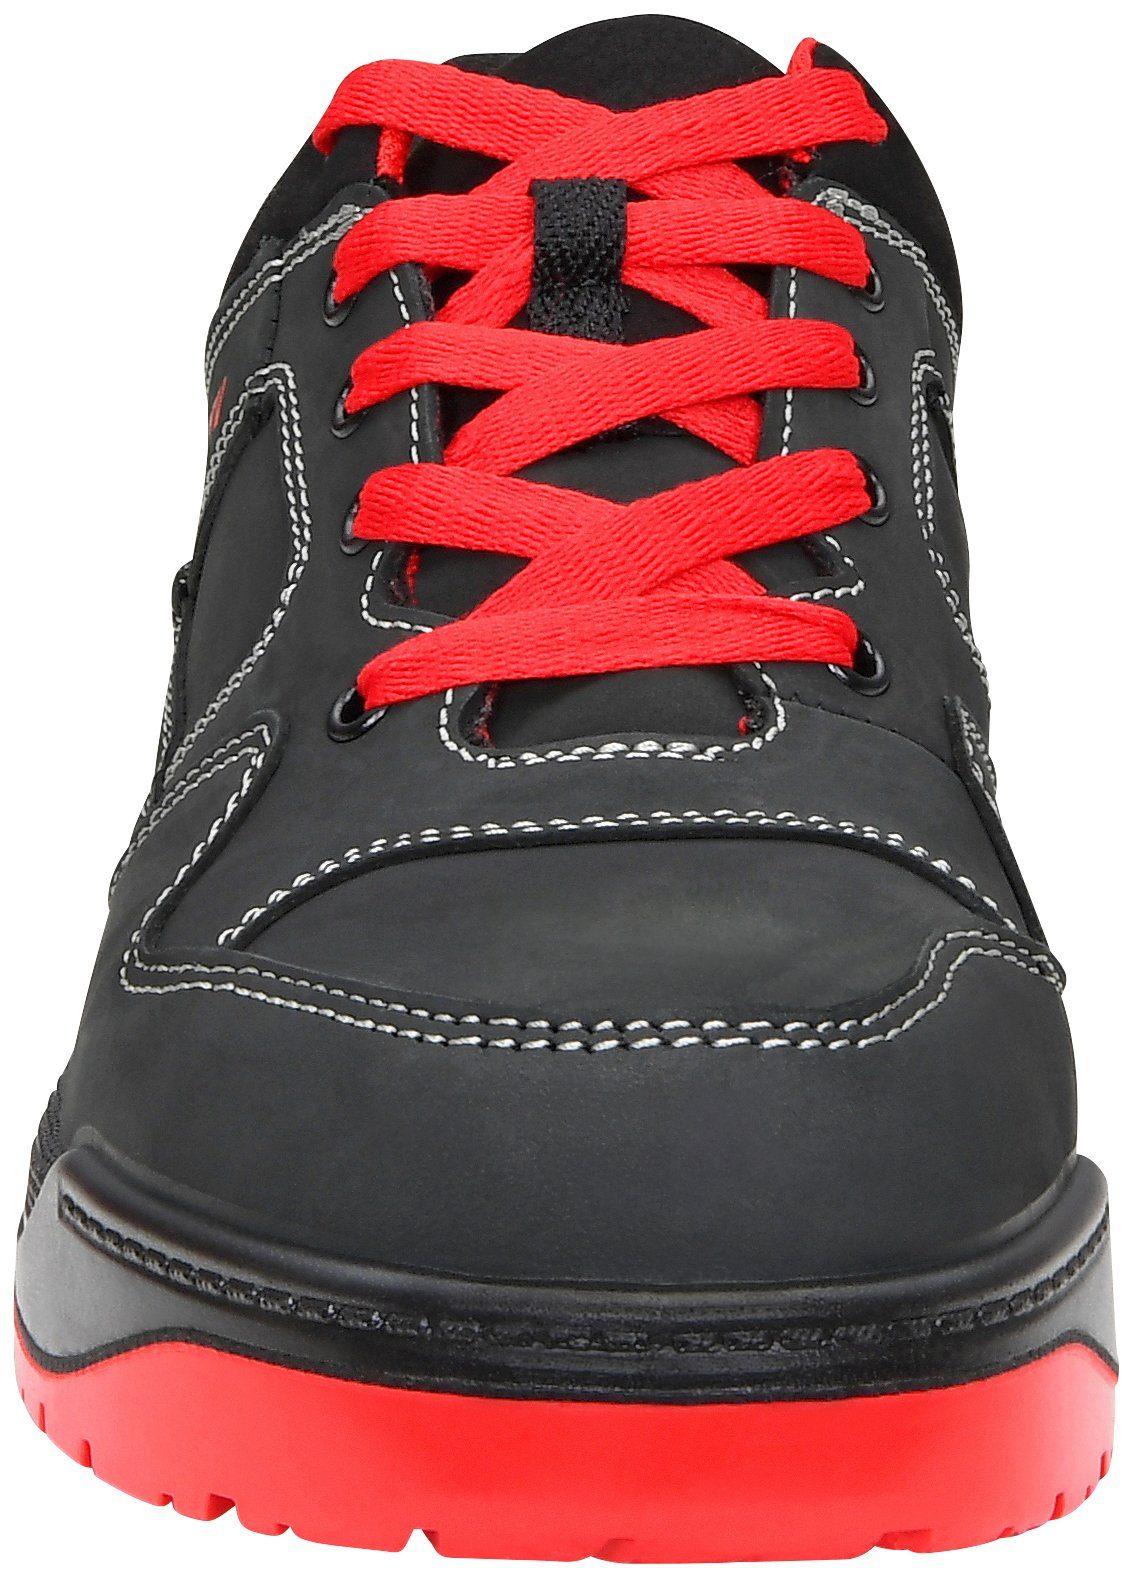 Red Elten nr Maverick Sicherheitsschuh 562523f Schwarz Low Black Artikel rot n77twrx